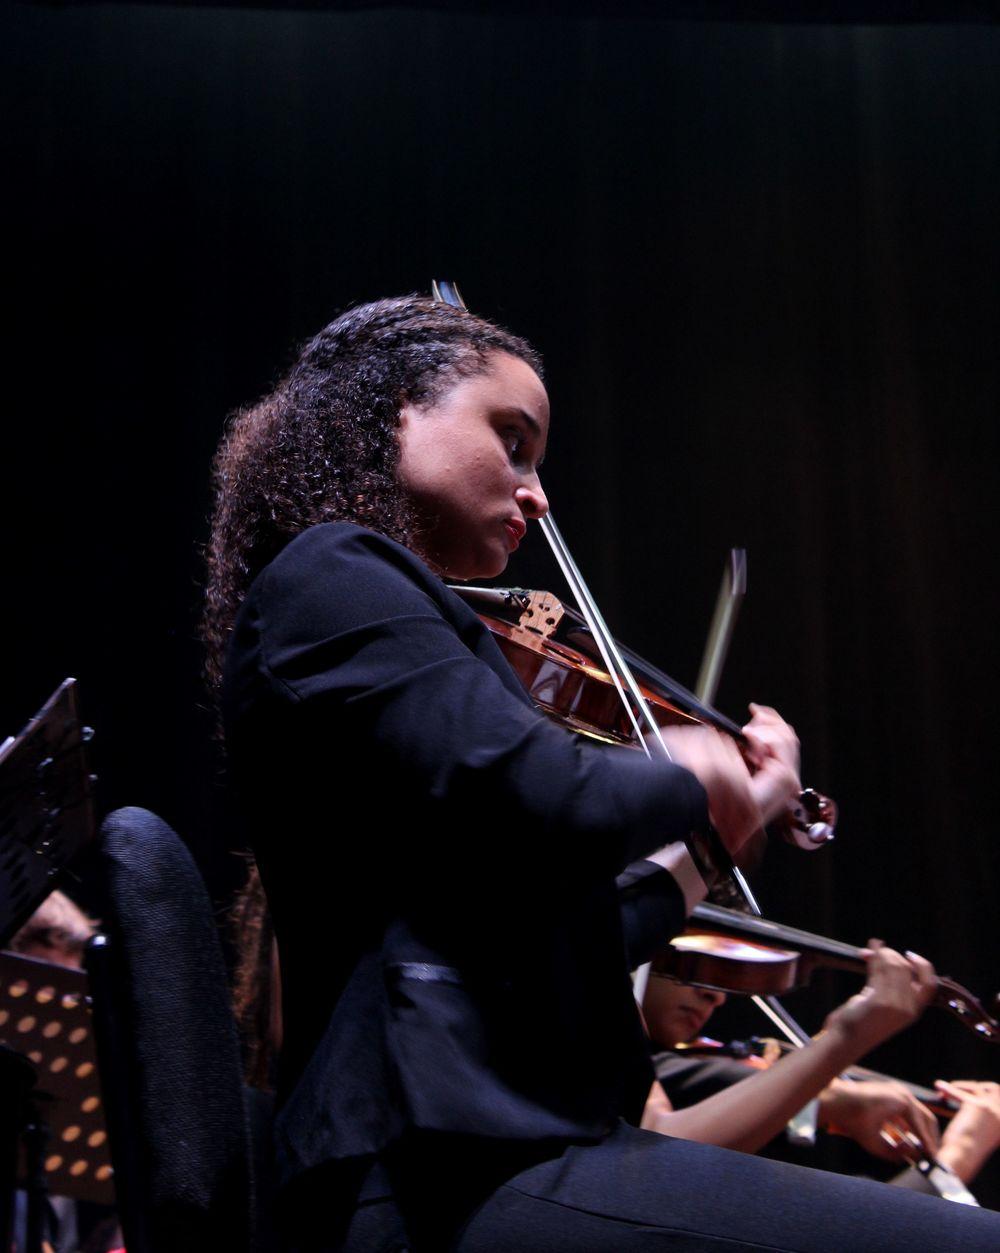 Orchestre symphonique de Campeche, Campeche, Mexico